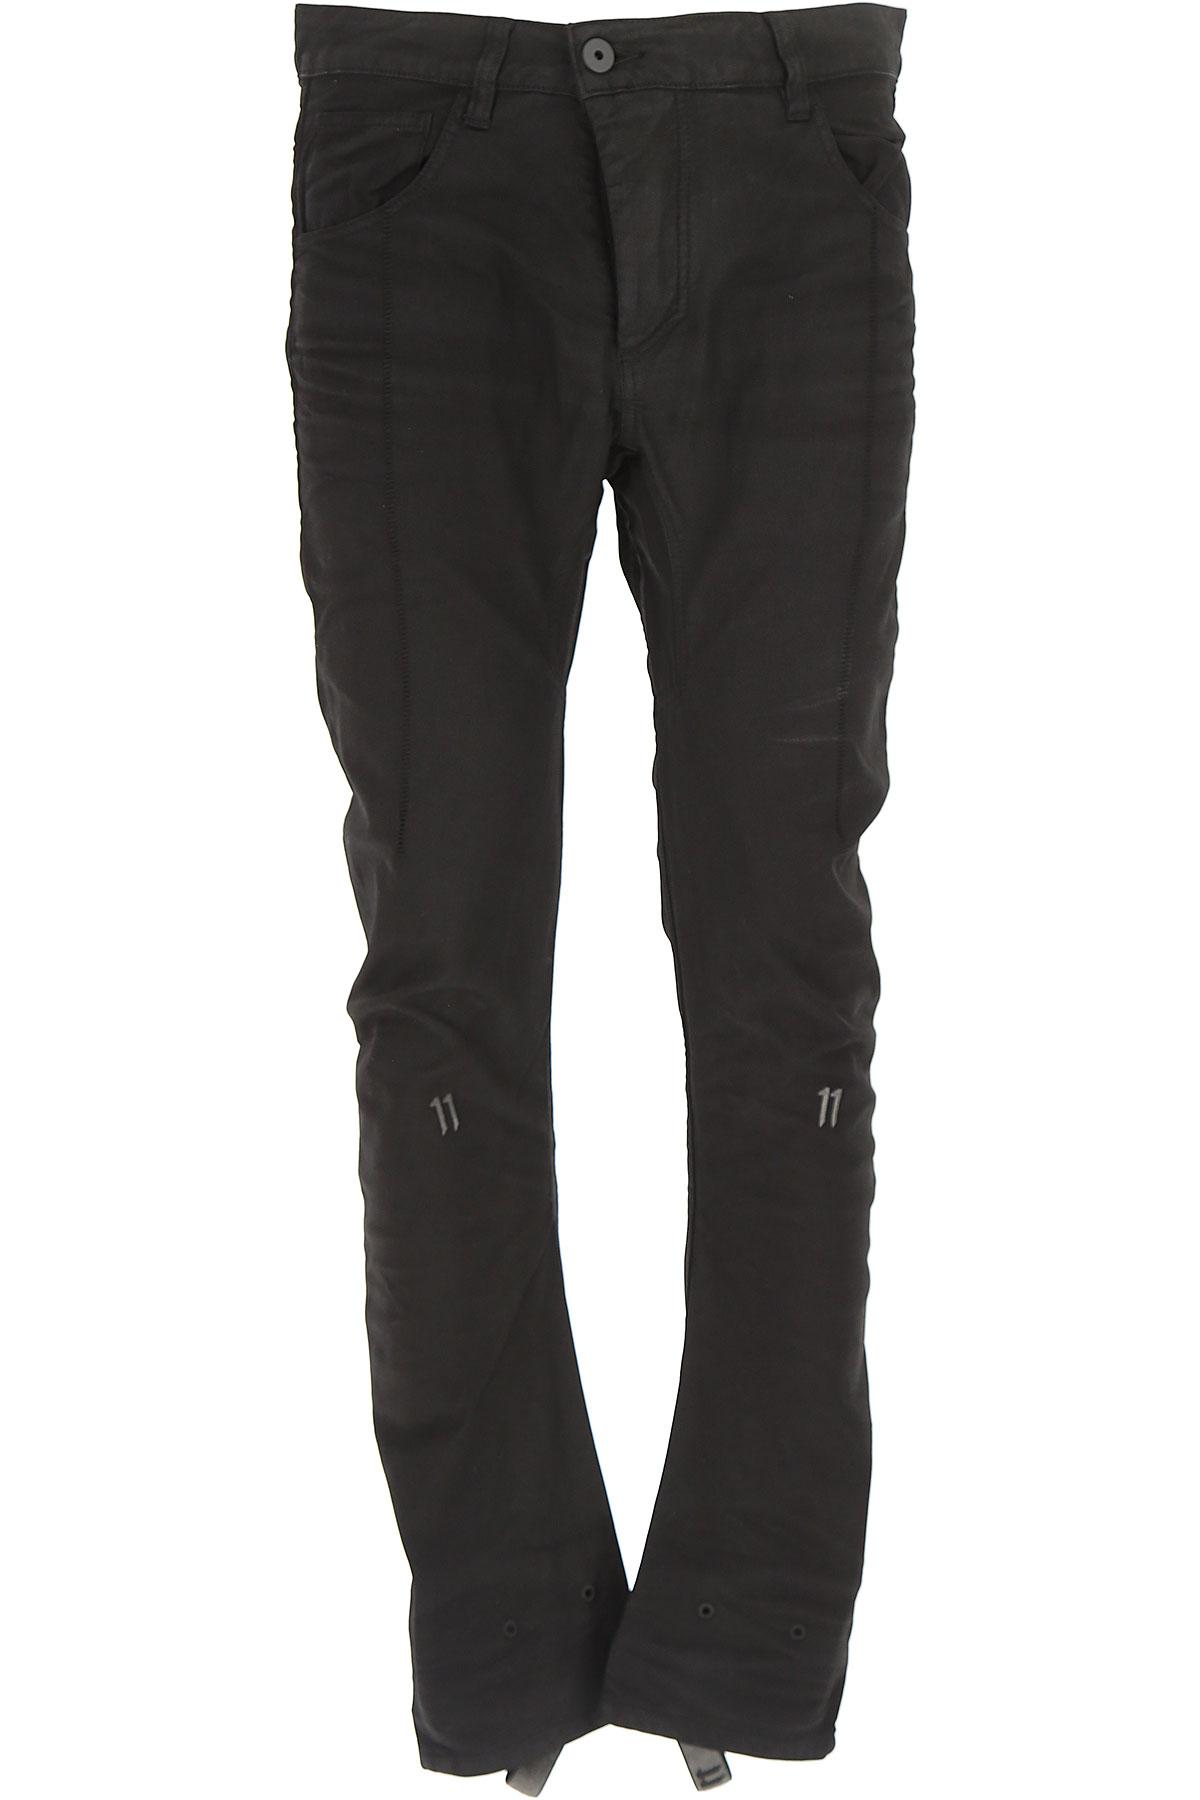 Image of 032c Jeans, Black, Cotton, 2017, L M